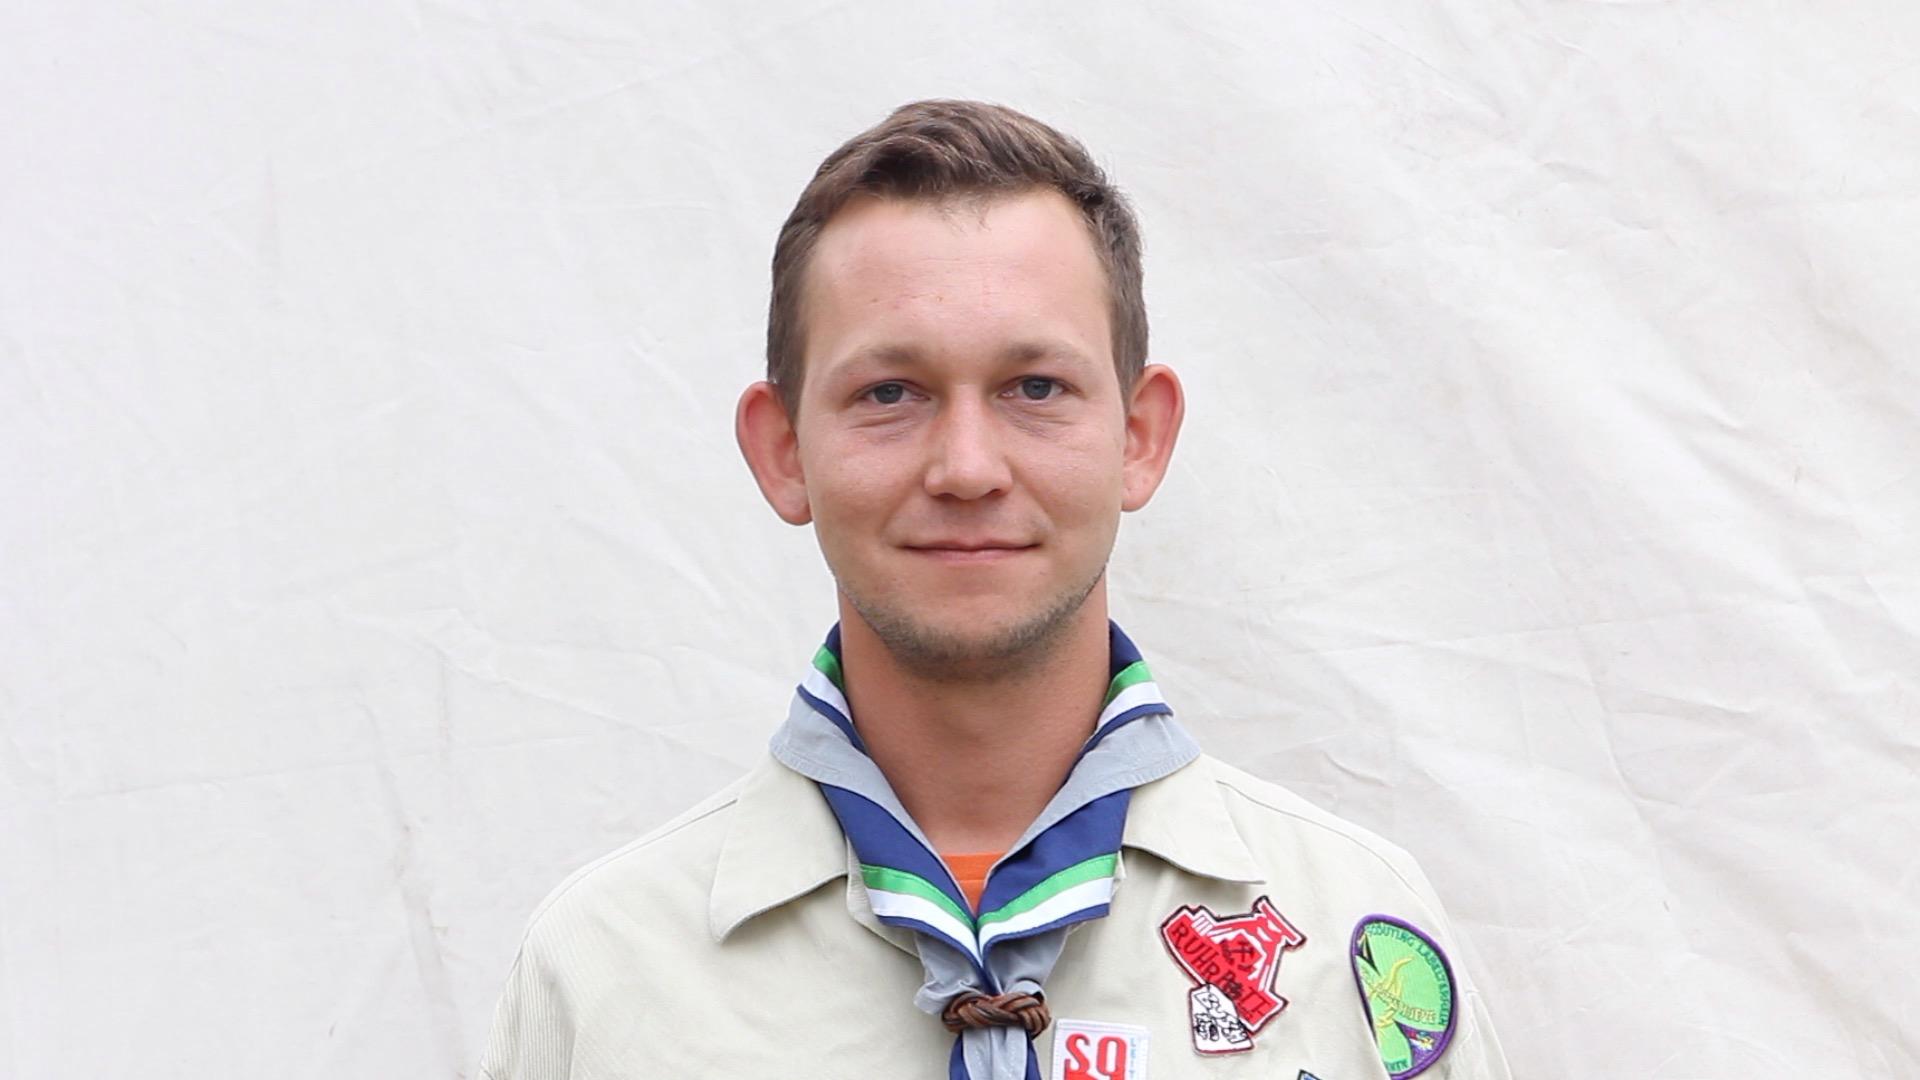 Matthias Cichocki